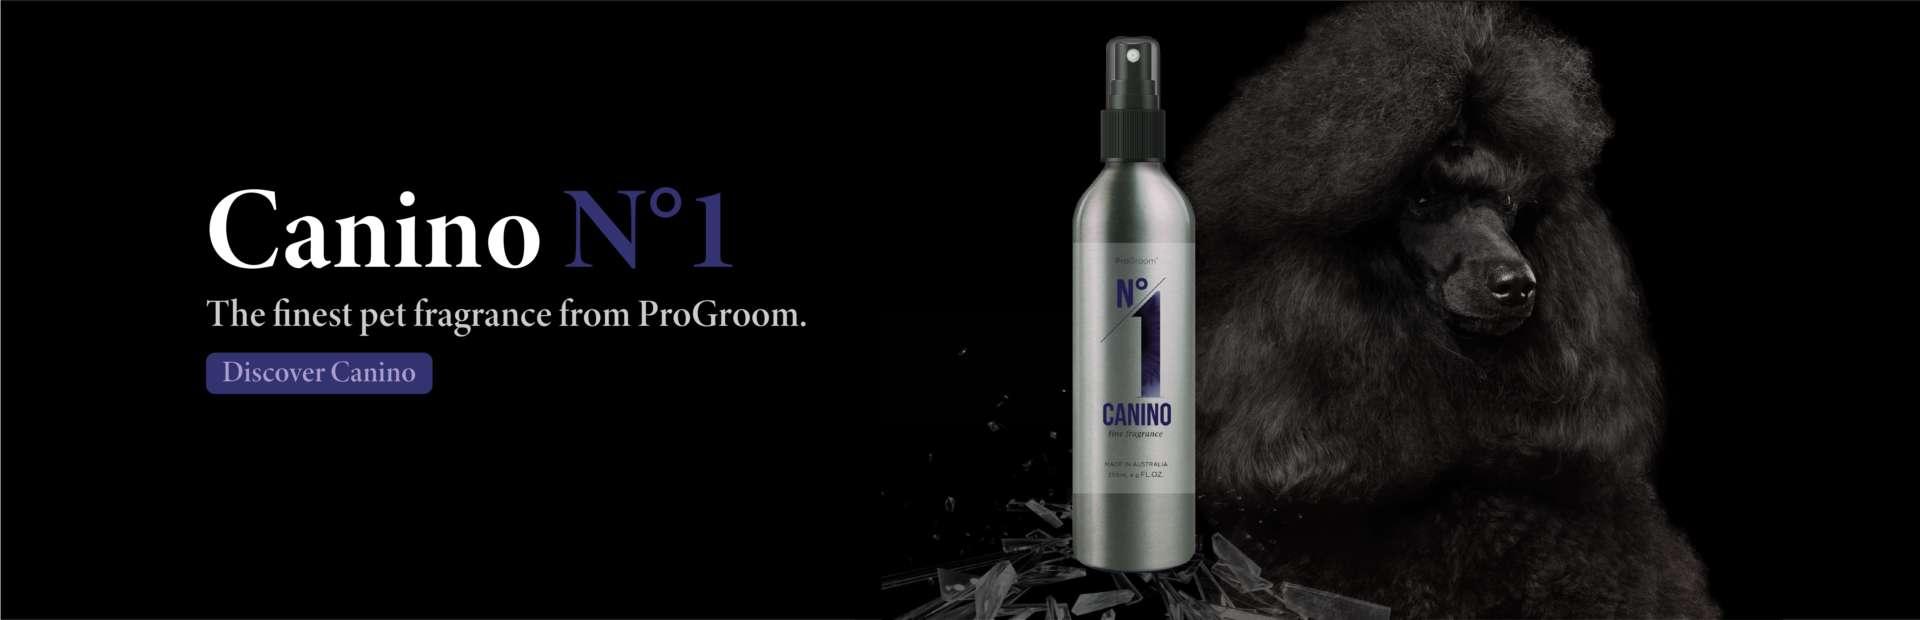 Canino No1 26